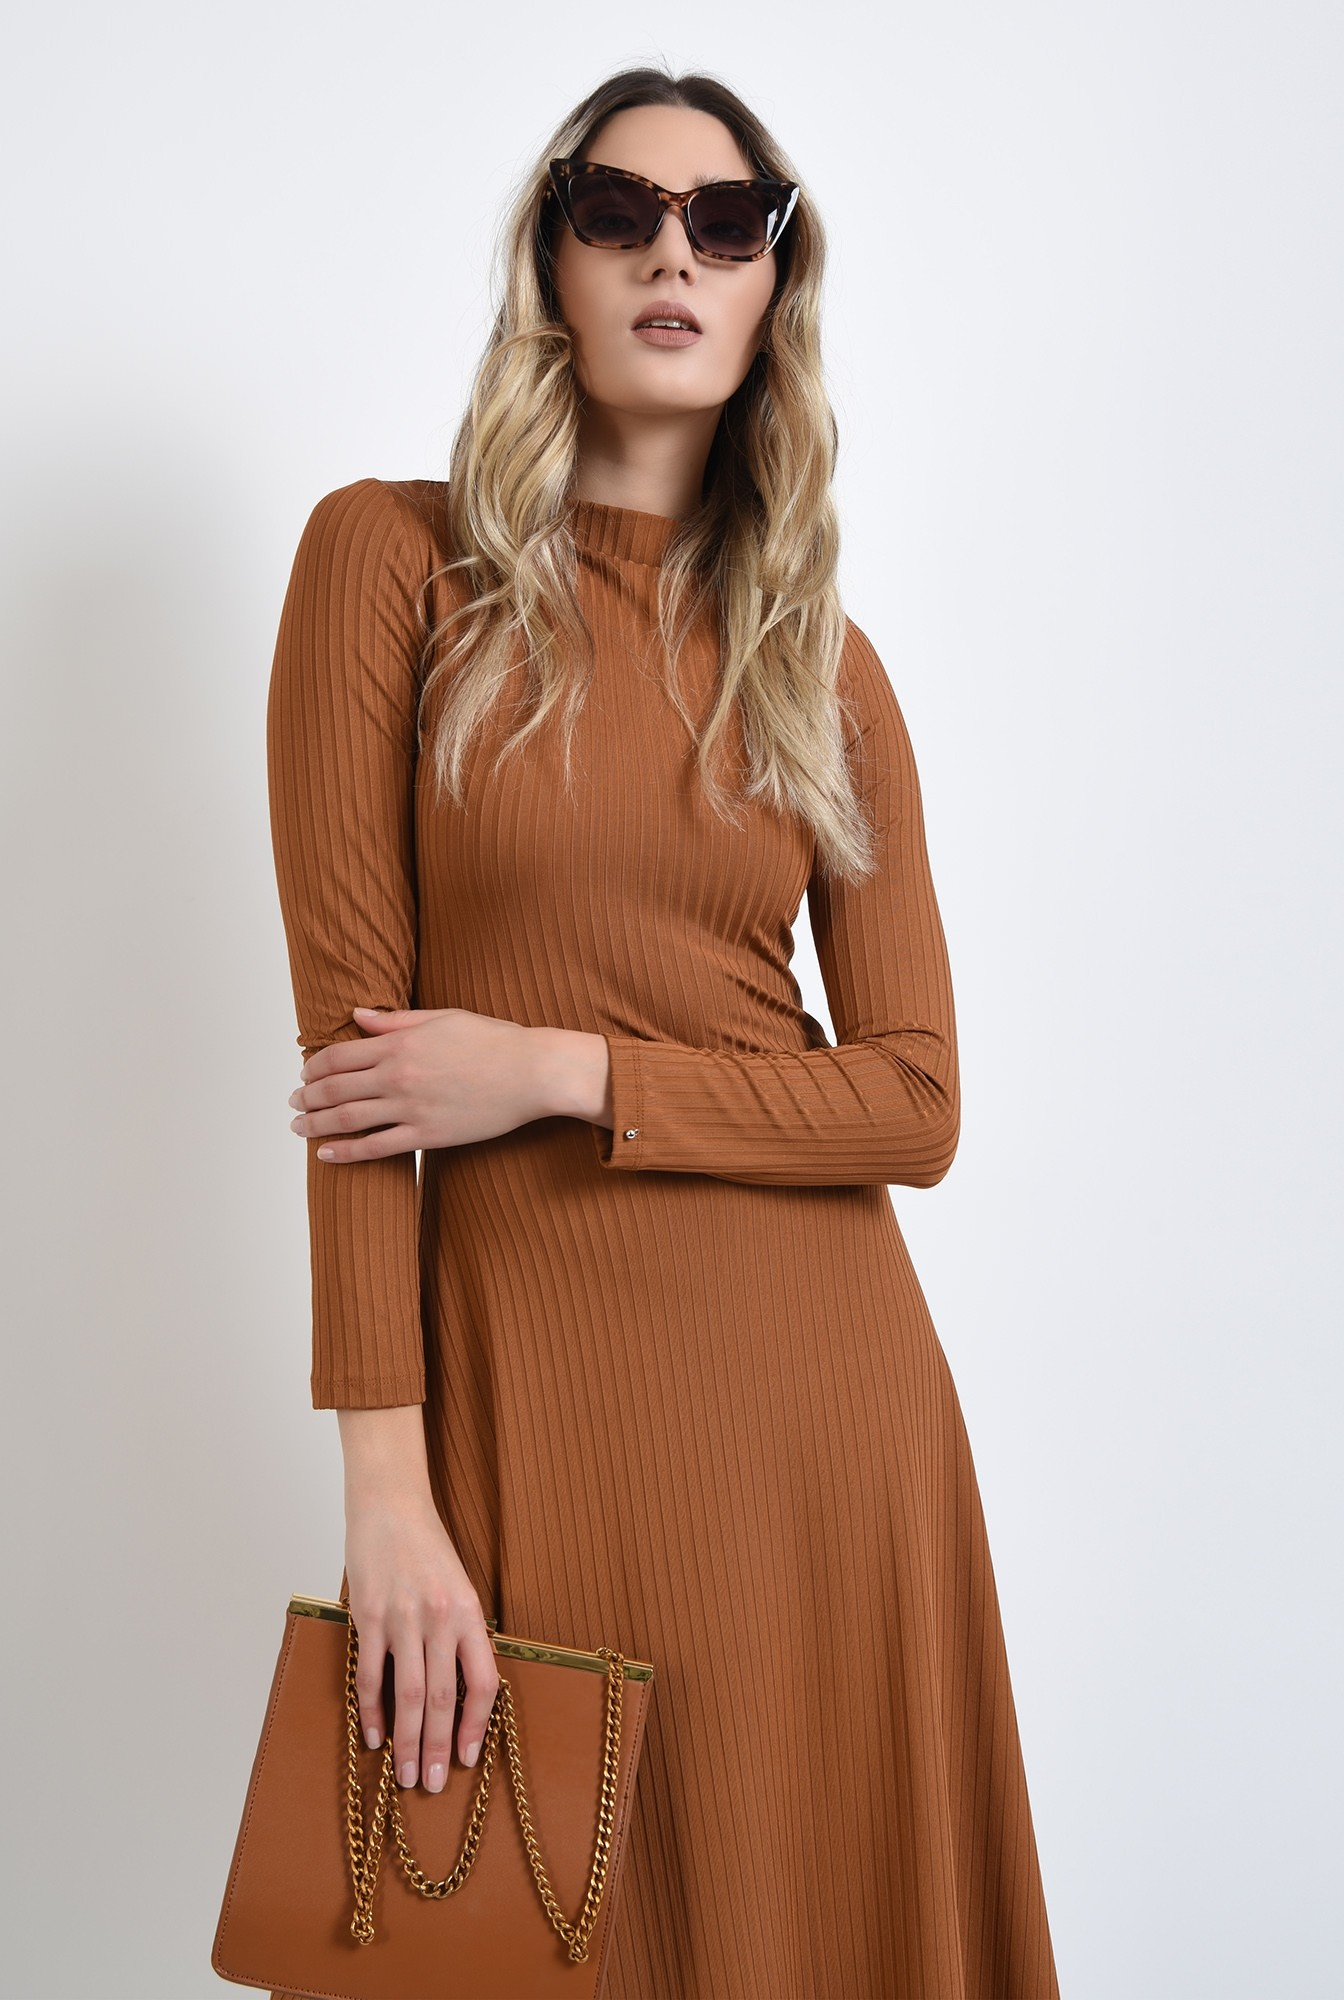 0 - rochie camel, evazata, cu maneca lunga